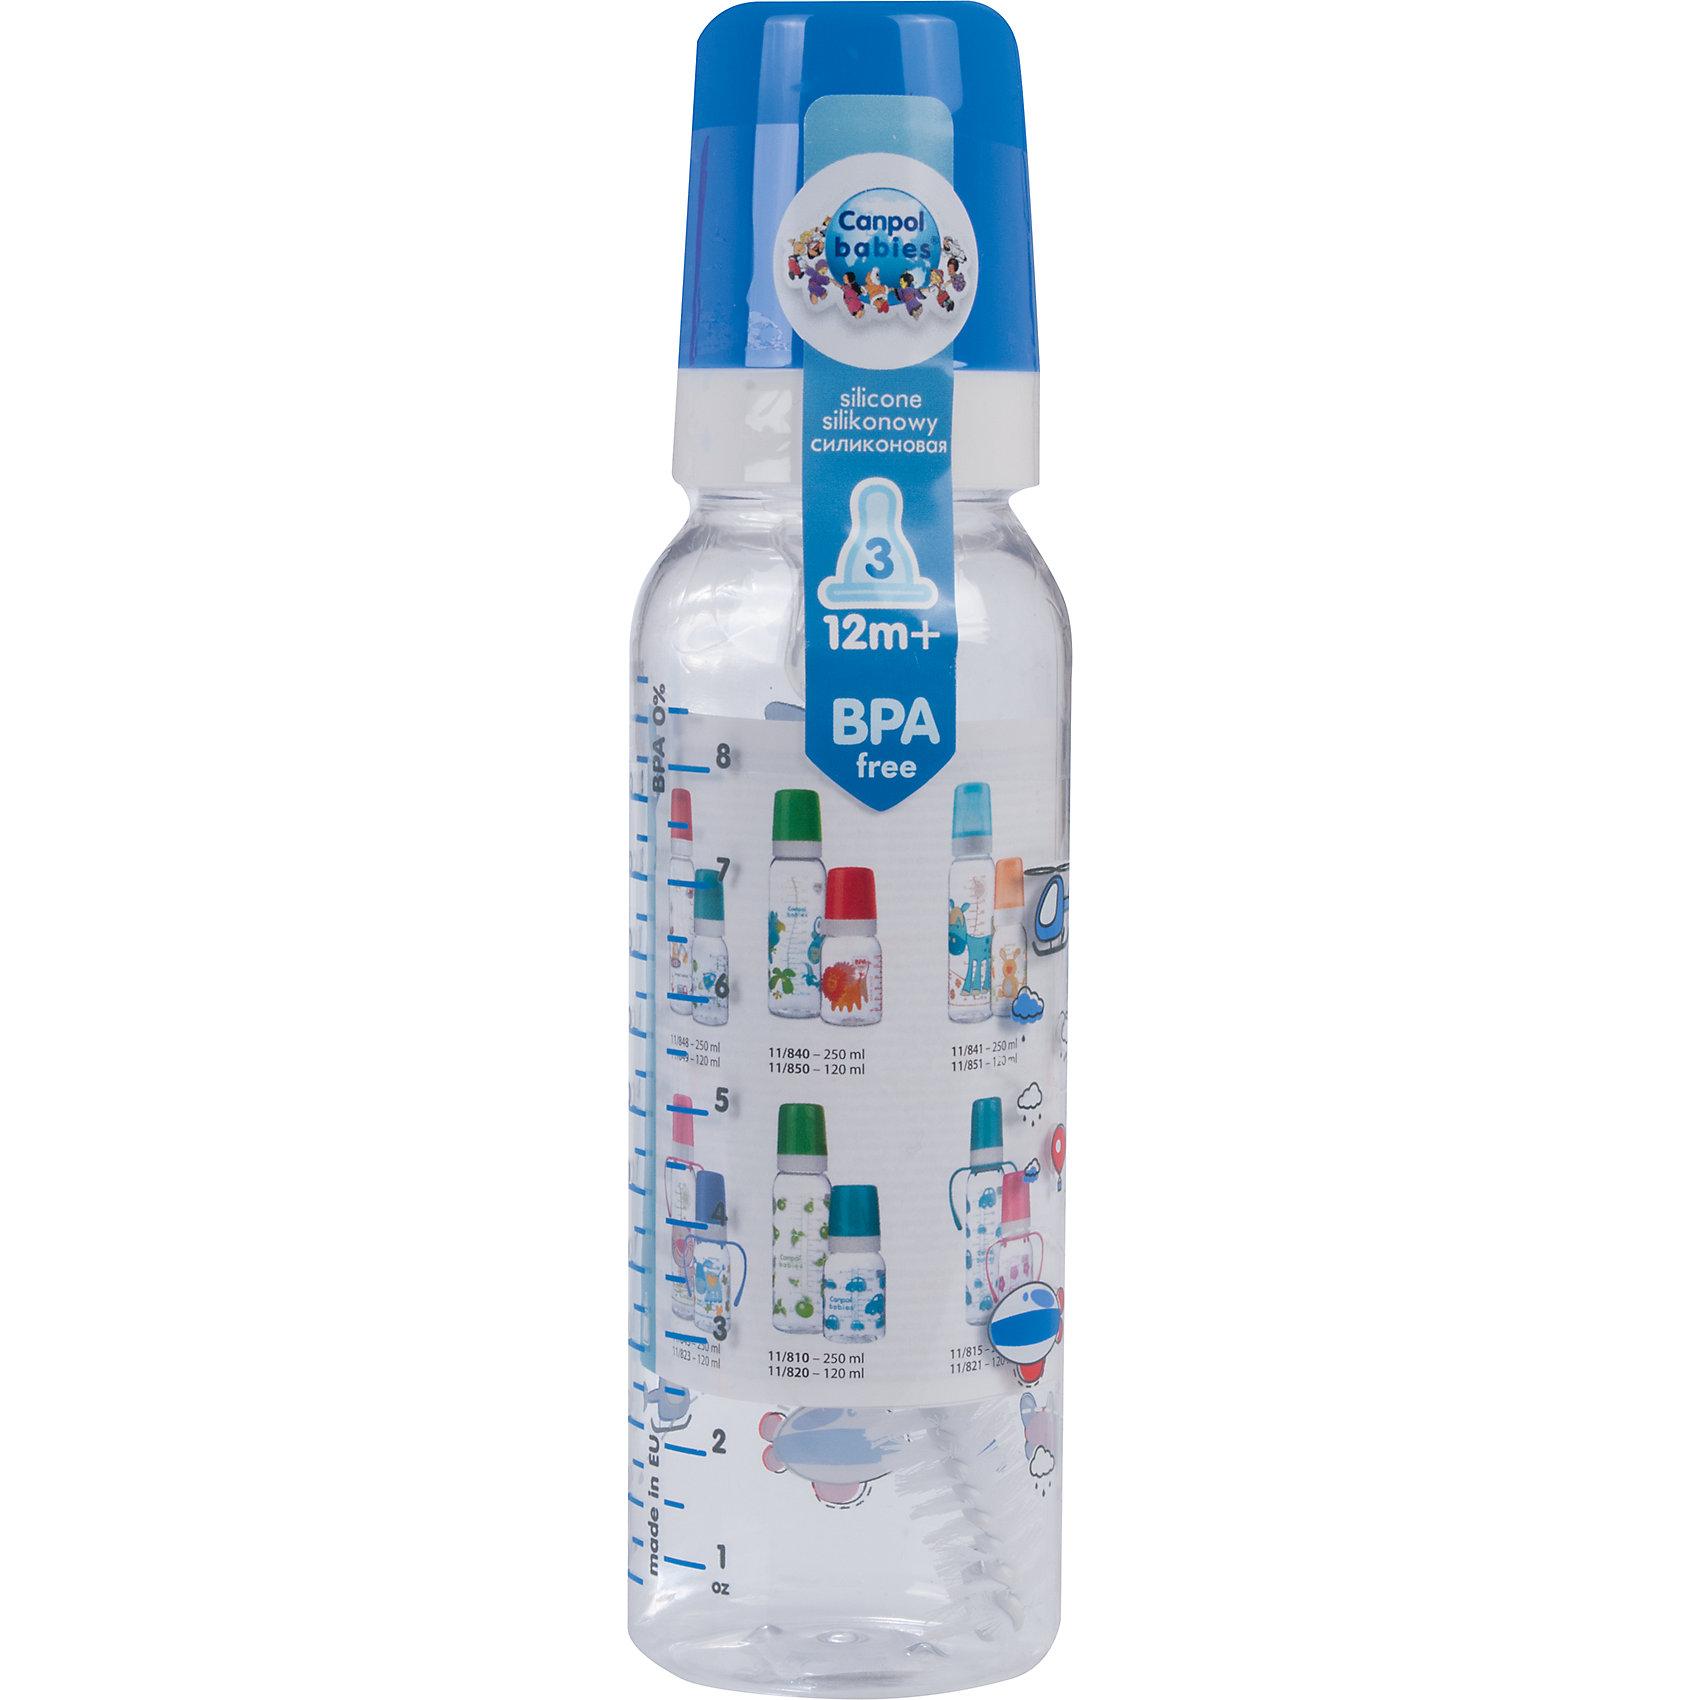 Бутылочка тритановая 250 мл. 12+ Machines, Canpol Babies, синийБутылочки и аксессуары<br>Бутылочка тритановая (BPA 0%) с сил. соской, 250 мл. 12+ Machines, Canpol Babies, (Канпол Бейбис), синий.<br><br>Характеристики: <br><br>• Объем бутылочки: 250мл.<br>• Материал бутылочки: тритан - пластик нового поколения.<br>• Материал соски: силикон.<br>• Цвет : синий. <br>Бутылочка тритановая (BPA 0%) с сил. соской, 250 мл. 12+ Machines, Canpol Babies, (Канпол Бейбис) имеет классическую форму. Удобна в использовании дома и в дороге. Бутылочка выполнена из безопасного качественного материала - тритана, который хорошо держит тепло, снабжена силиконовой соской (быстрый поток) и защитным колпачком, имеет удобную мерную шкалу.  Такую бутылочку и все части можно кипятить в воде или стерилизовать с помощью специального прибора. Не впитывает запахи. Бутылочка выполнена в синем цвете, украшена  забавным принтом.<br>Бутылочка тритановая (BPA 0%) с сил. соской, 250 мл. 12+ Machines, Canpol Babies, (Канпол Бейбис), синий можно купить в нашем интернет- магазине.<br><br>Ширина мм: 55<br>Глубина мм: 55<br>Высота мм: 200<br>Вес г: 630<br>Возраст от месяцев: 12<br>Возраст до месяцев: 36<br>Пол: Мужской<br>Возраст: Детский<br>SKU: 5156811